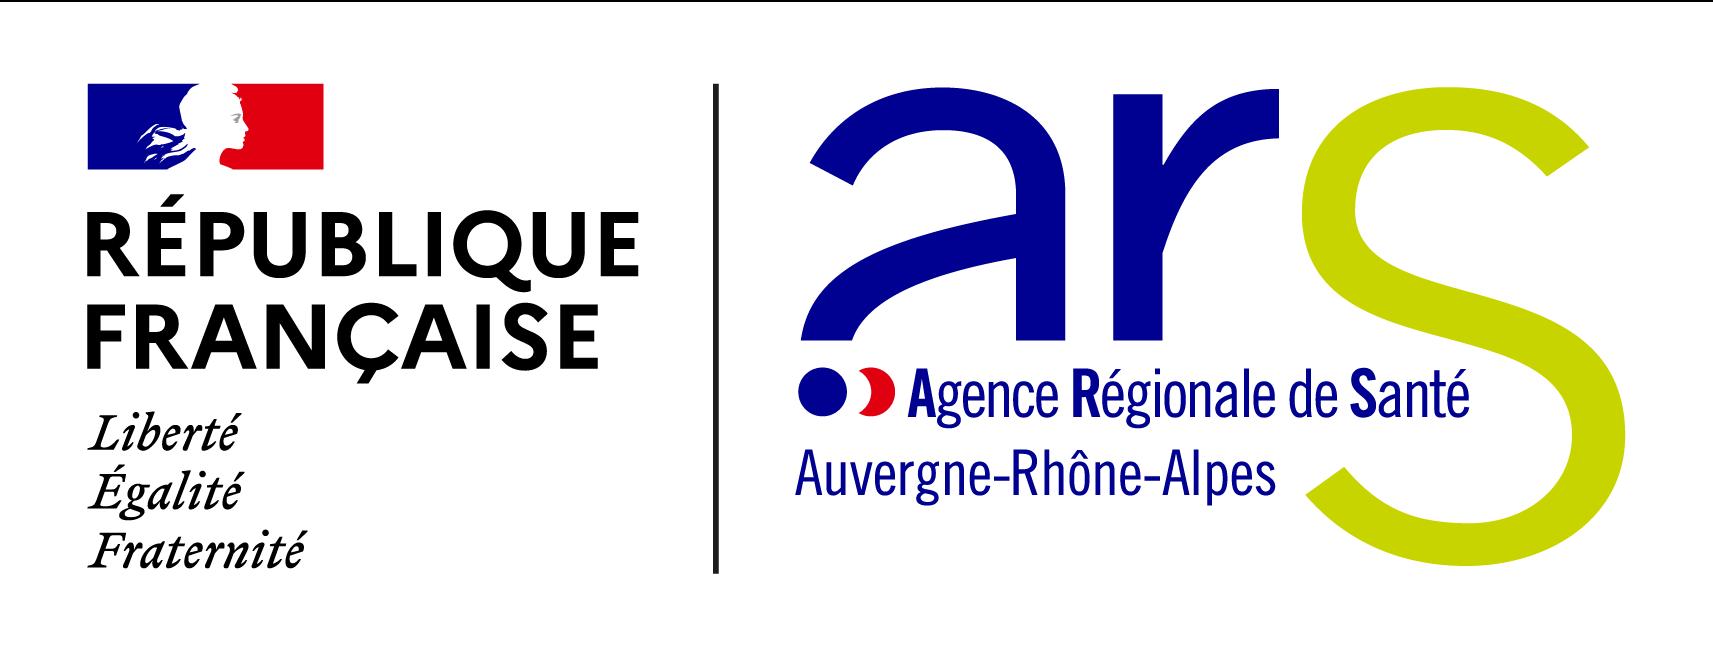 Gratuit Rhone Alpes Dating Site)